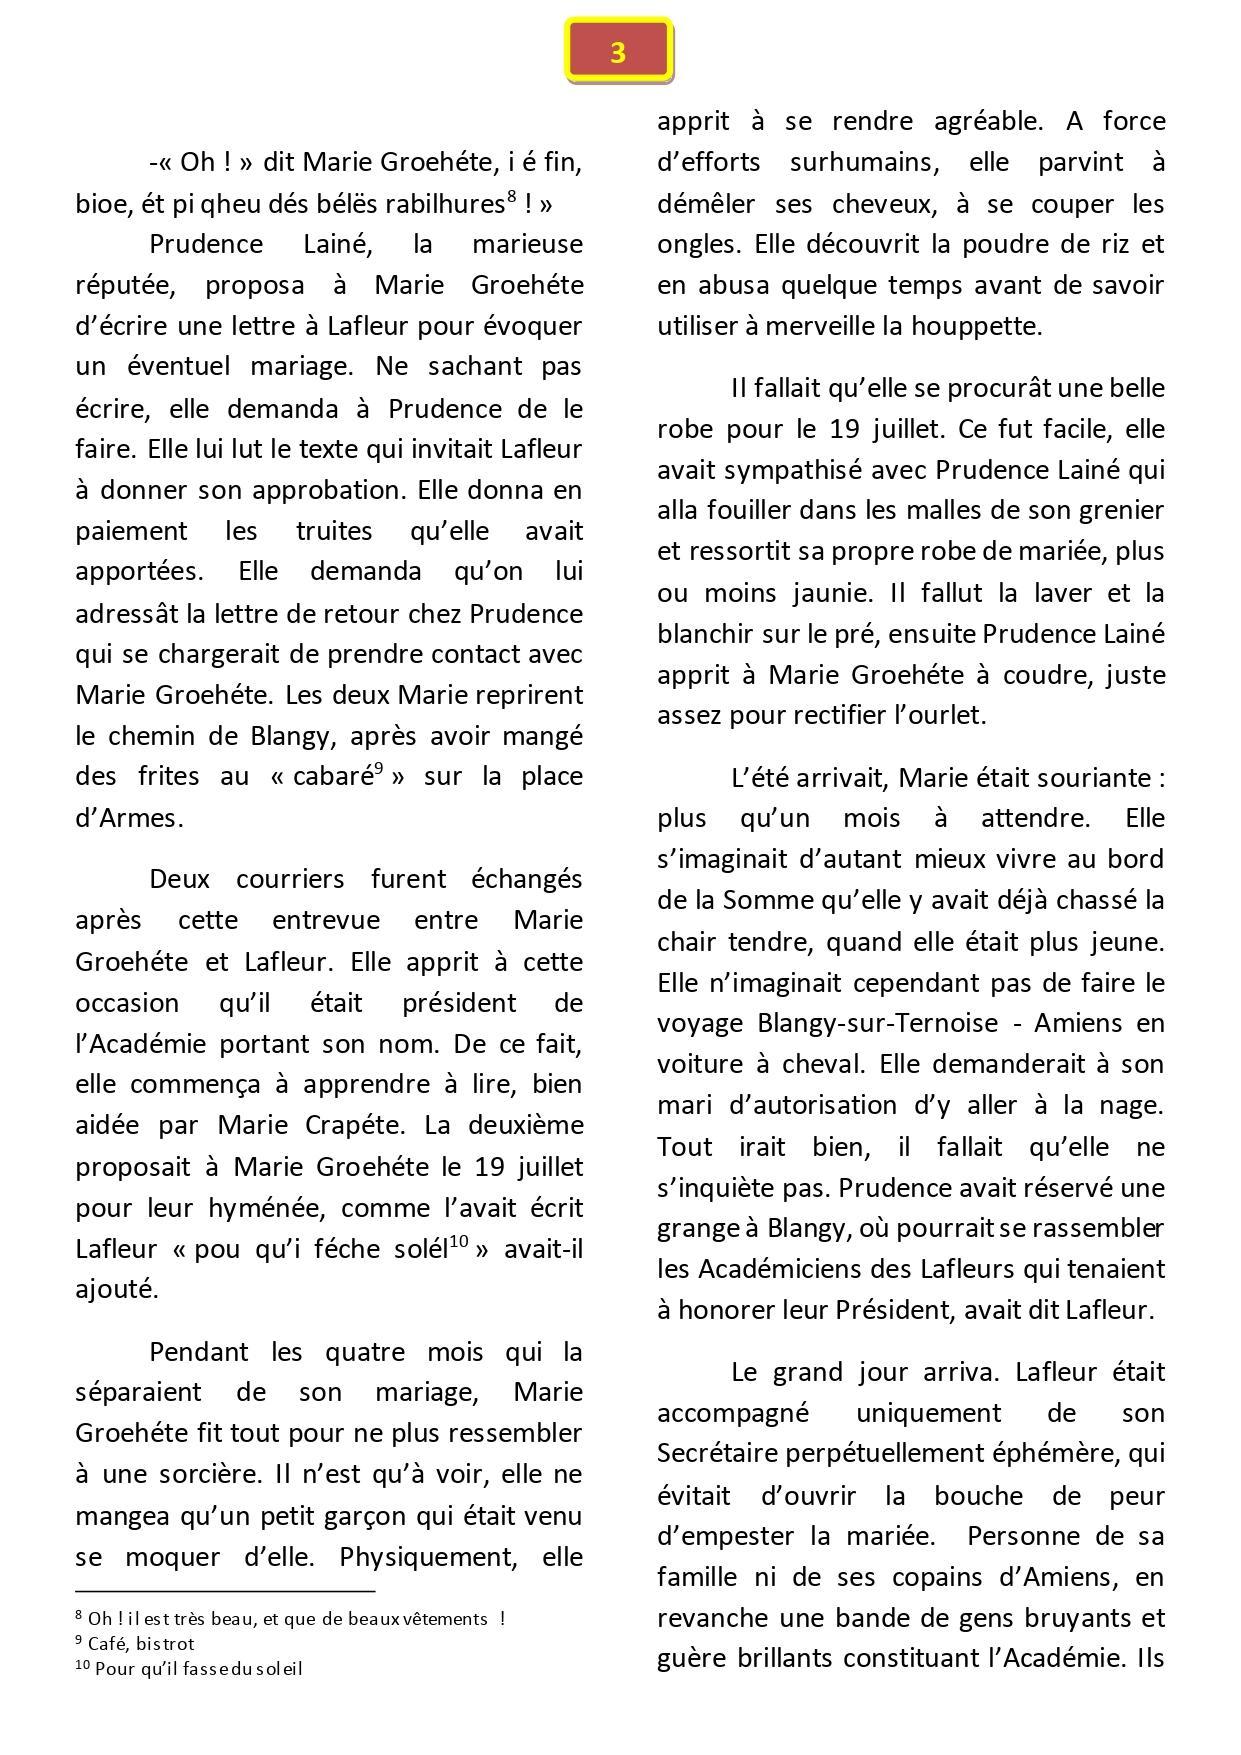 Academie 1870 le mariage du siecle page 0003